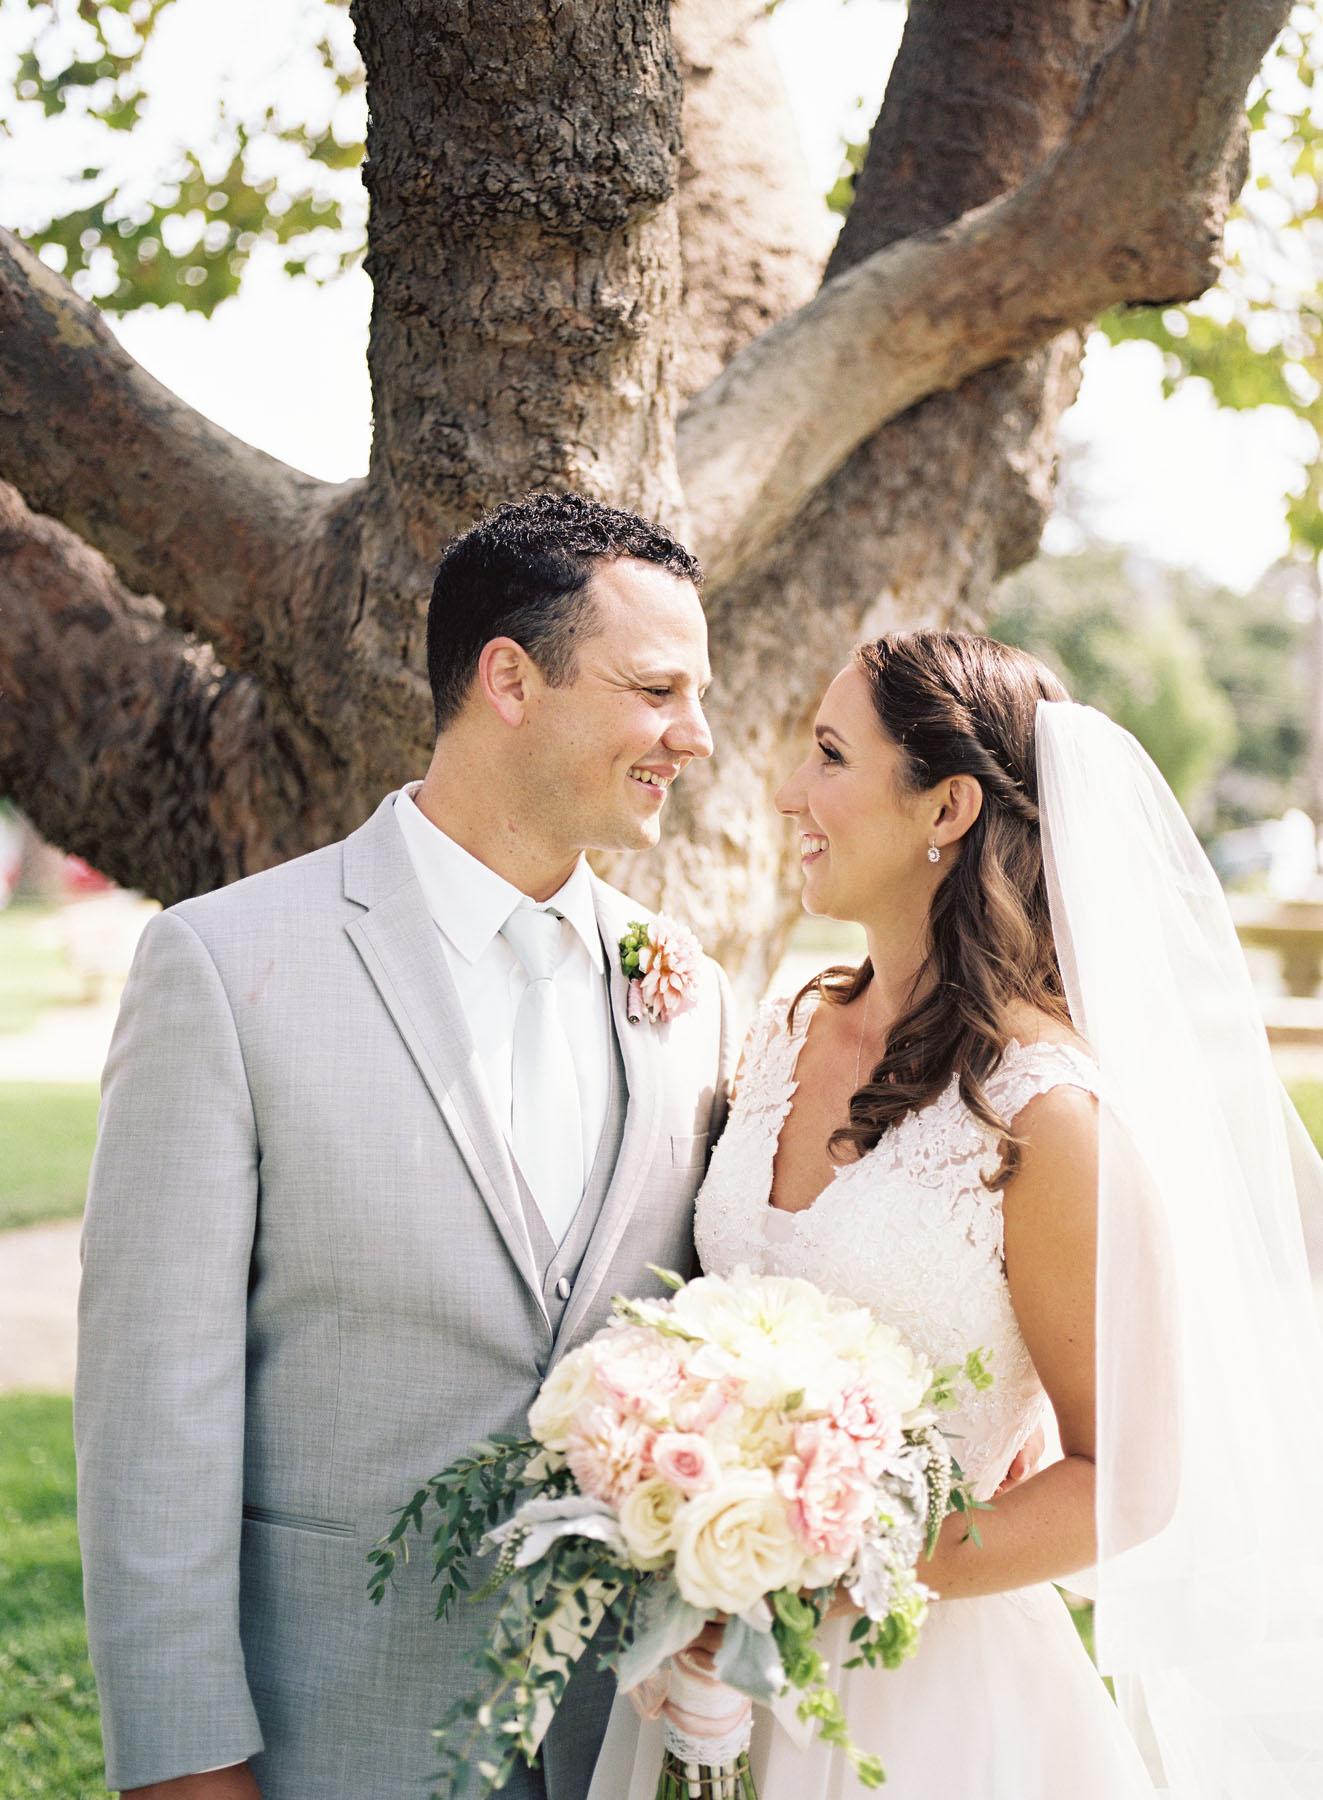 8-11-18 Vanessa and Andrew - 118.jpg